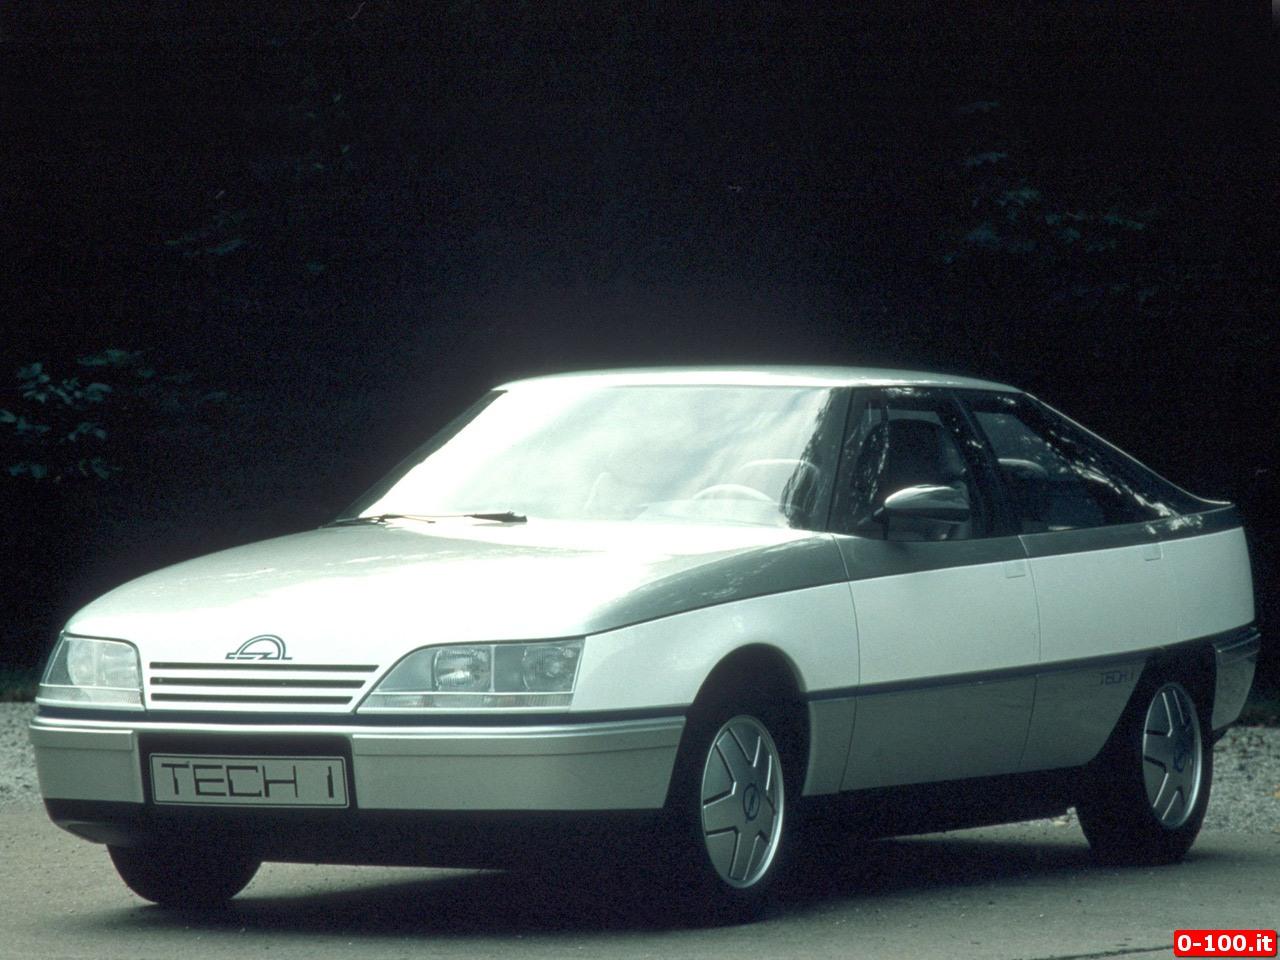 Opel_TECH1-0-100_2